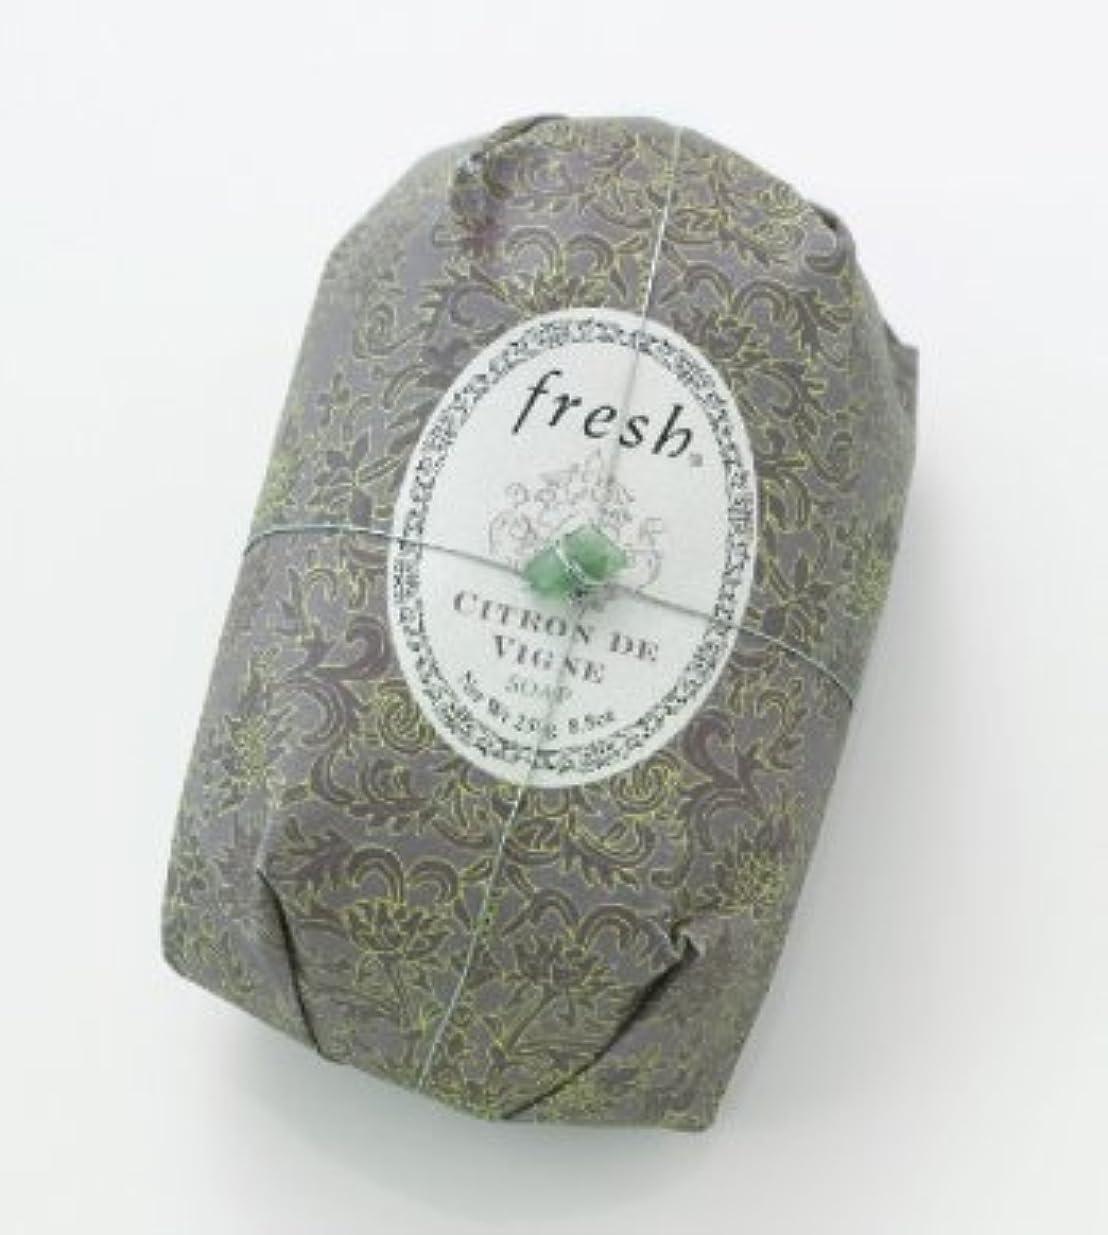 脊椎統治可能有害Fresh CITRON DE VIGNE SOAP (フレッシュ シトロンデヴァイン ソープ) 8.8 oz (250g) Soap (石鹸) by Fresh